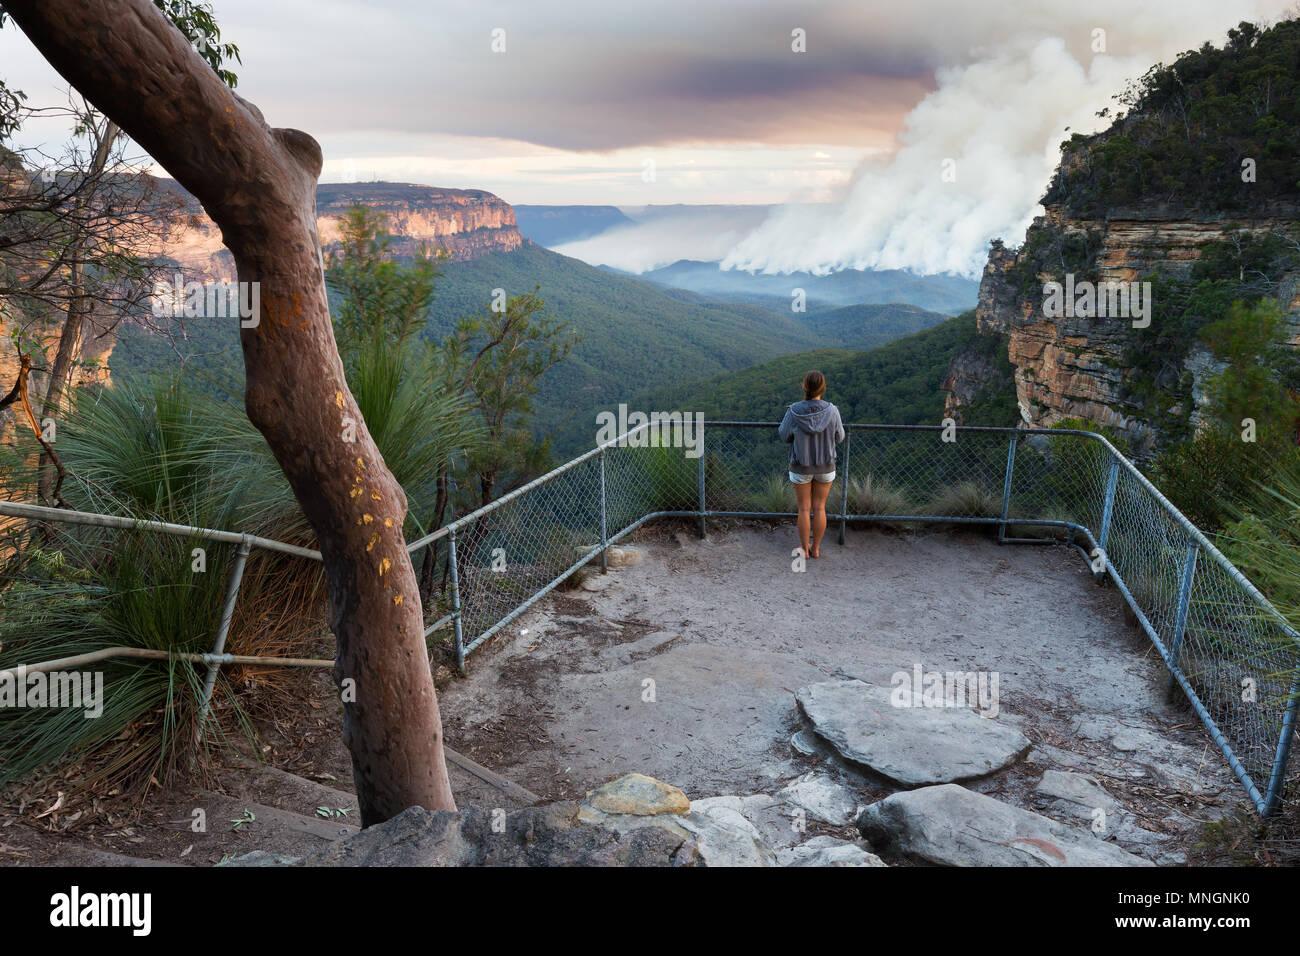 Ragazza in un bushwalking belvedere con una vista su un telecomando bushfire e fumo nelle Blue Mountains, Nuovo Galles del Sud, Australia. Immagini Stock